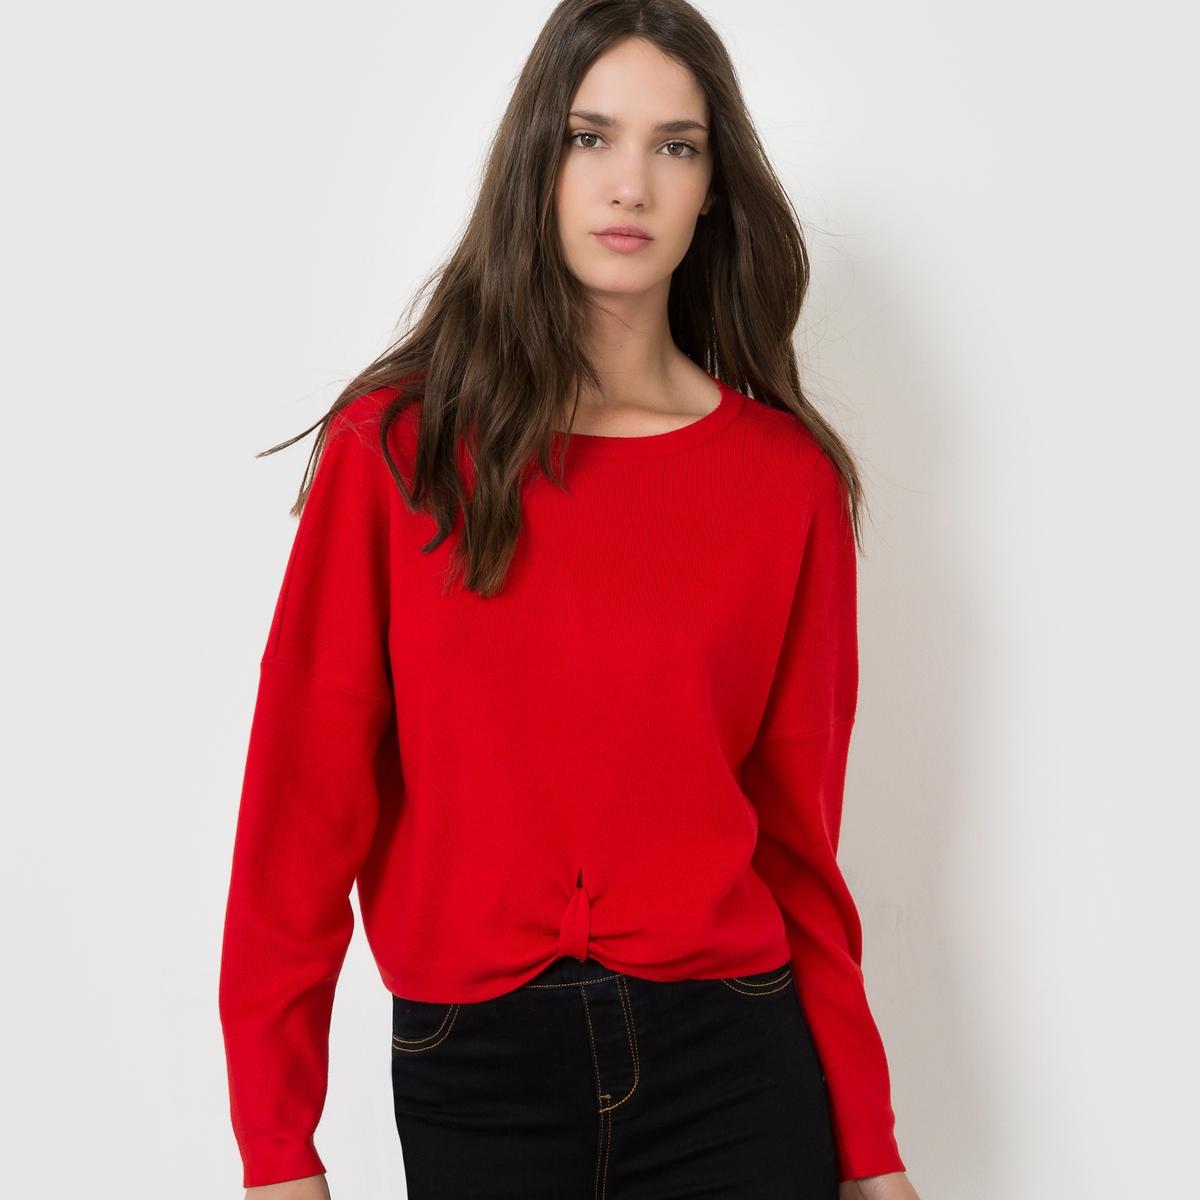 Пуловер на завязке с расклешенными рукавамиСостав и описаниеМарка : MOLLY BRACKENМатериал : 90% хлопка, 10% эластанаУходМашинная стирка при 30 °CСтирать с вещами схожих цветов<br><br>Цвет: красный,черный